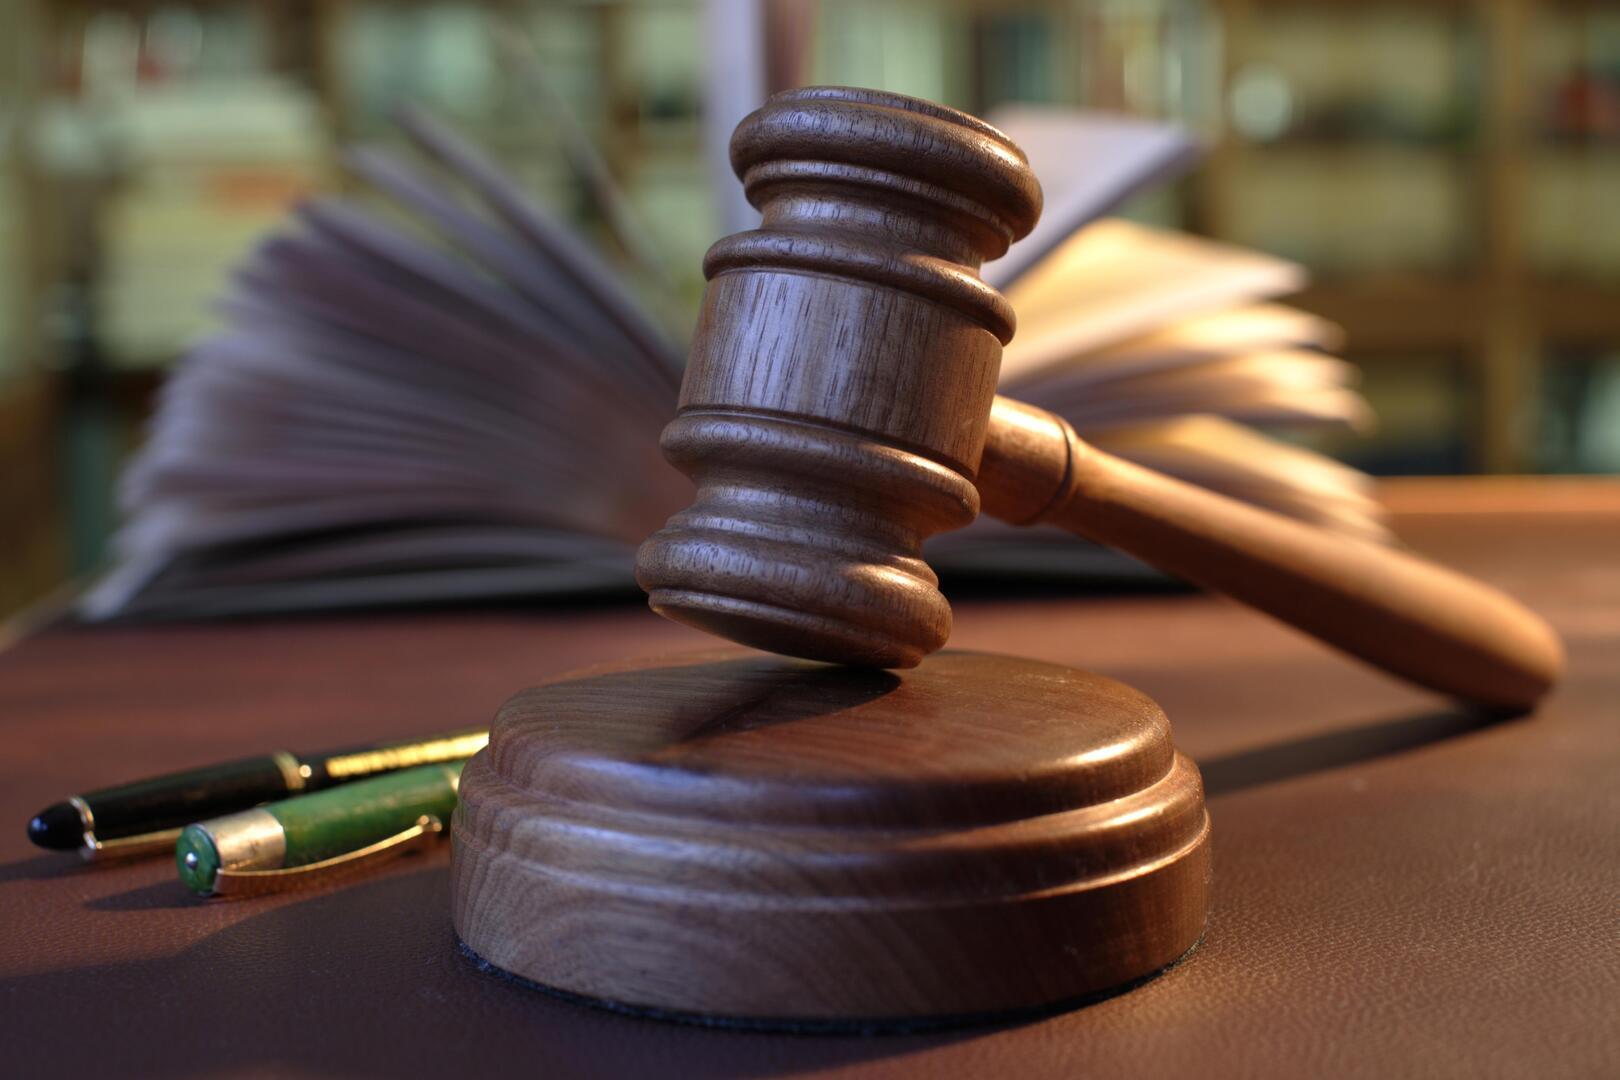 الولايات المتحدة.. إدانة مواطن روسيبالزواج الصوري للحصول على الجنسية